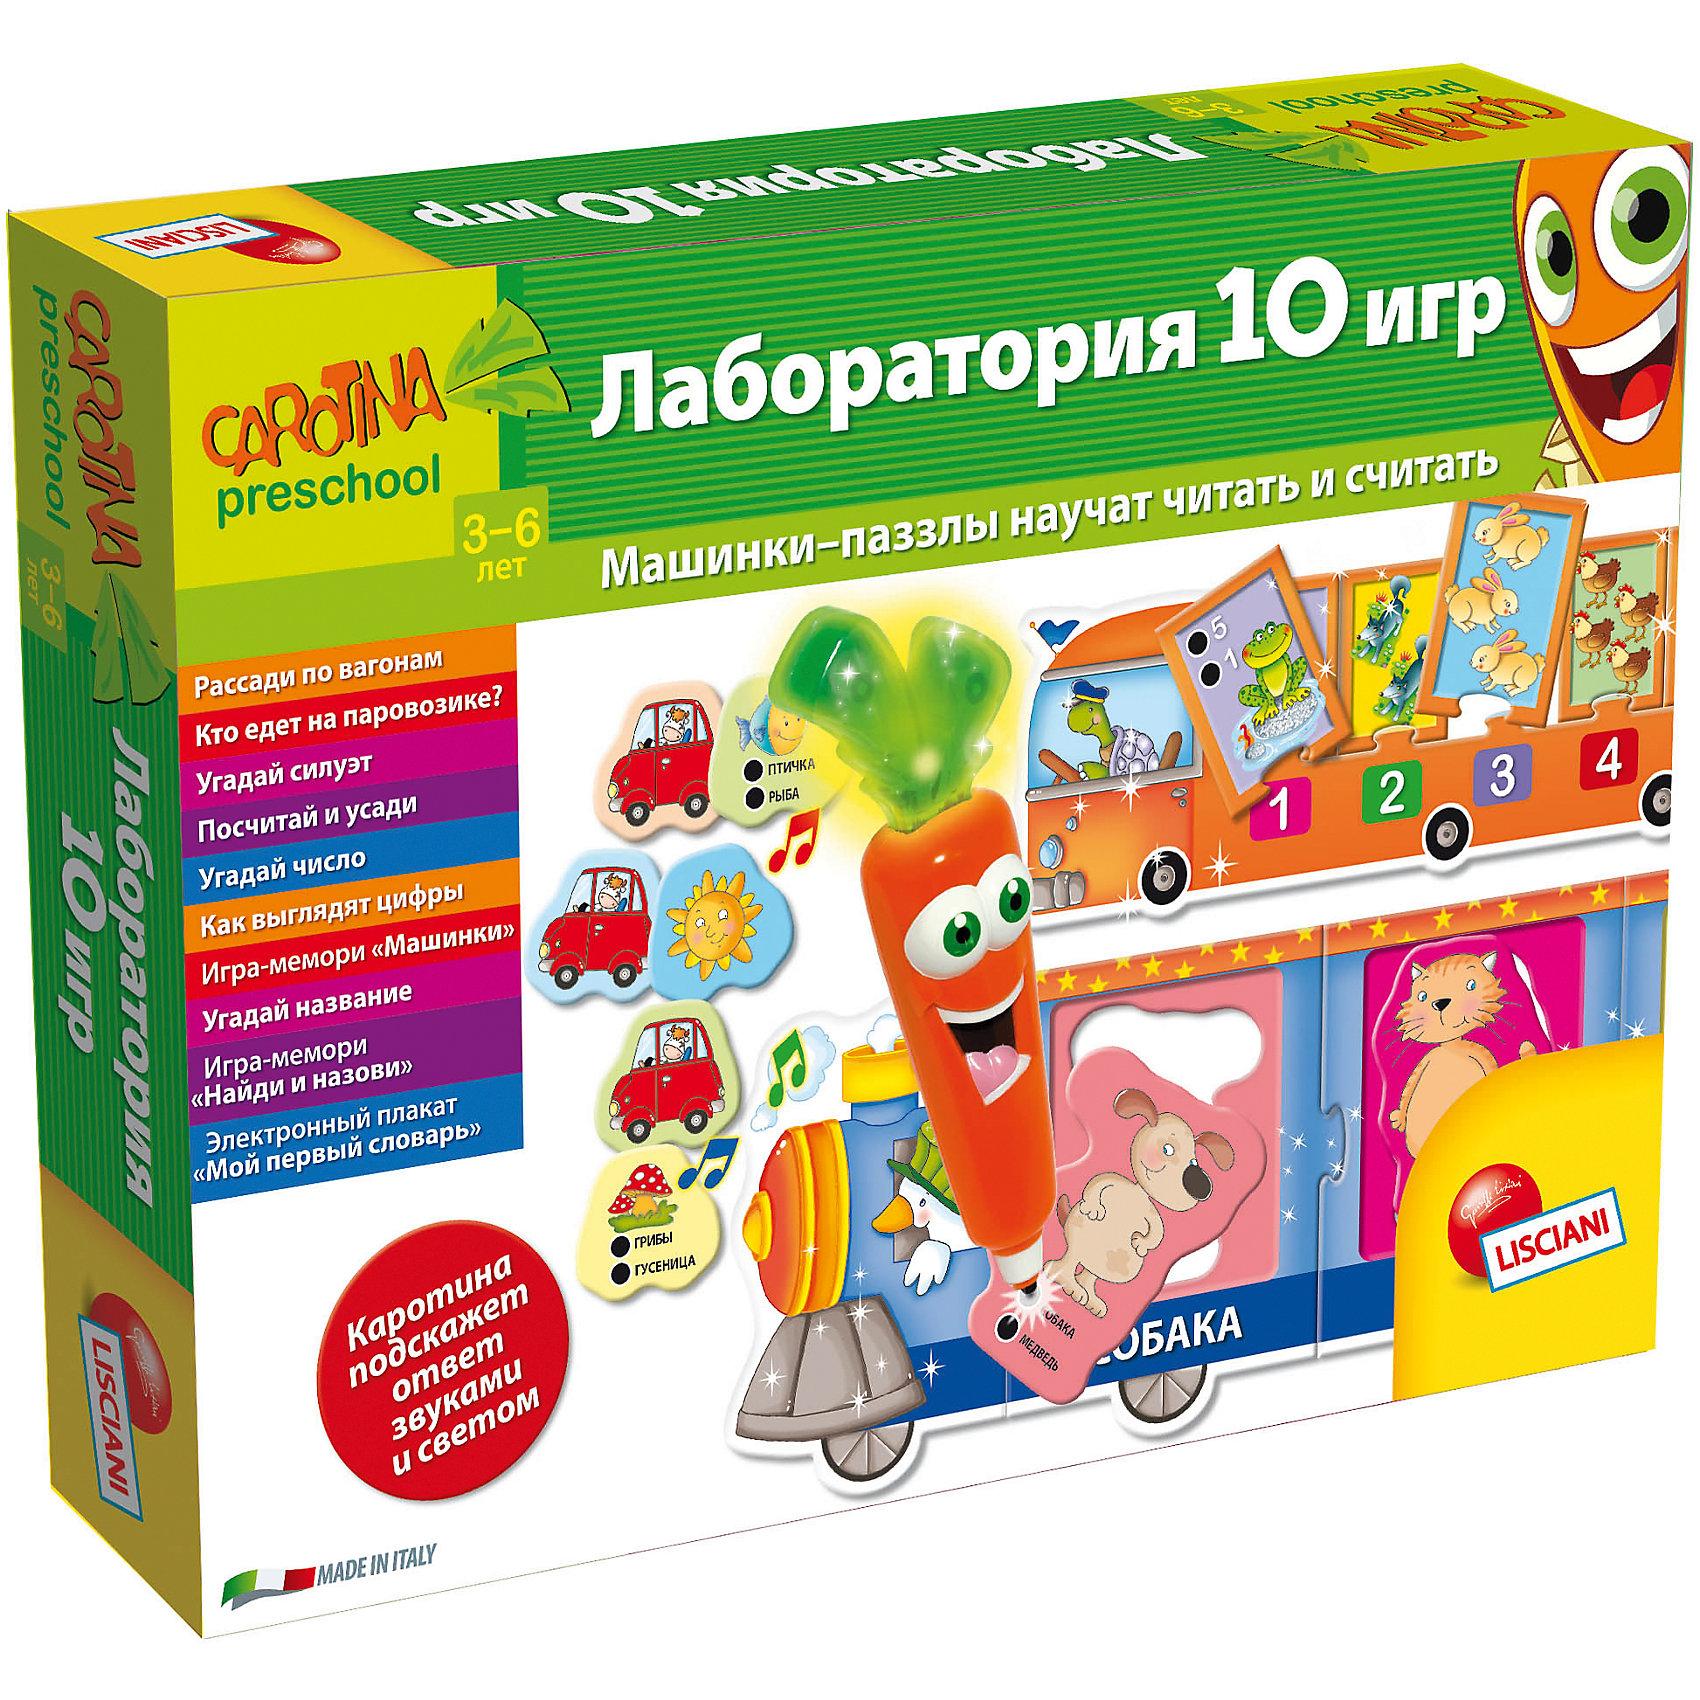 Обучающая игра Лаборатория 10 игр с интерактивной морковкой, Lisciani<br><br>Ширина мм: 255<br>Глубина мм: 345<br>Высота мм: 48<br>Вес г: 682<br>Возраст от месяцев: 36<br>Возраст до месяцев: 2147483647<br>Пол: Унисекс<br>Возраст: Детский<br>SKU: 5522896